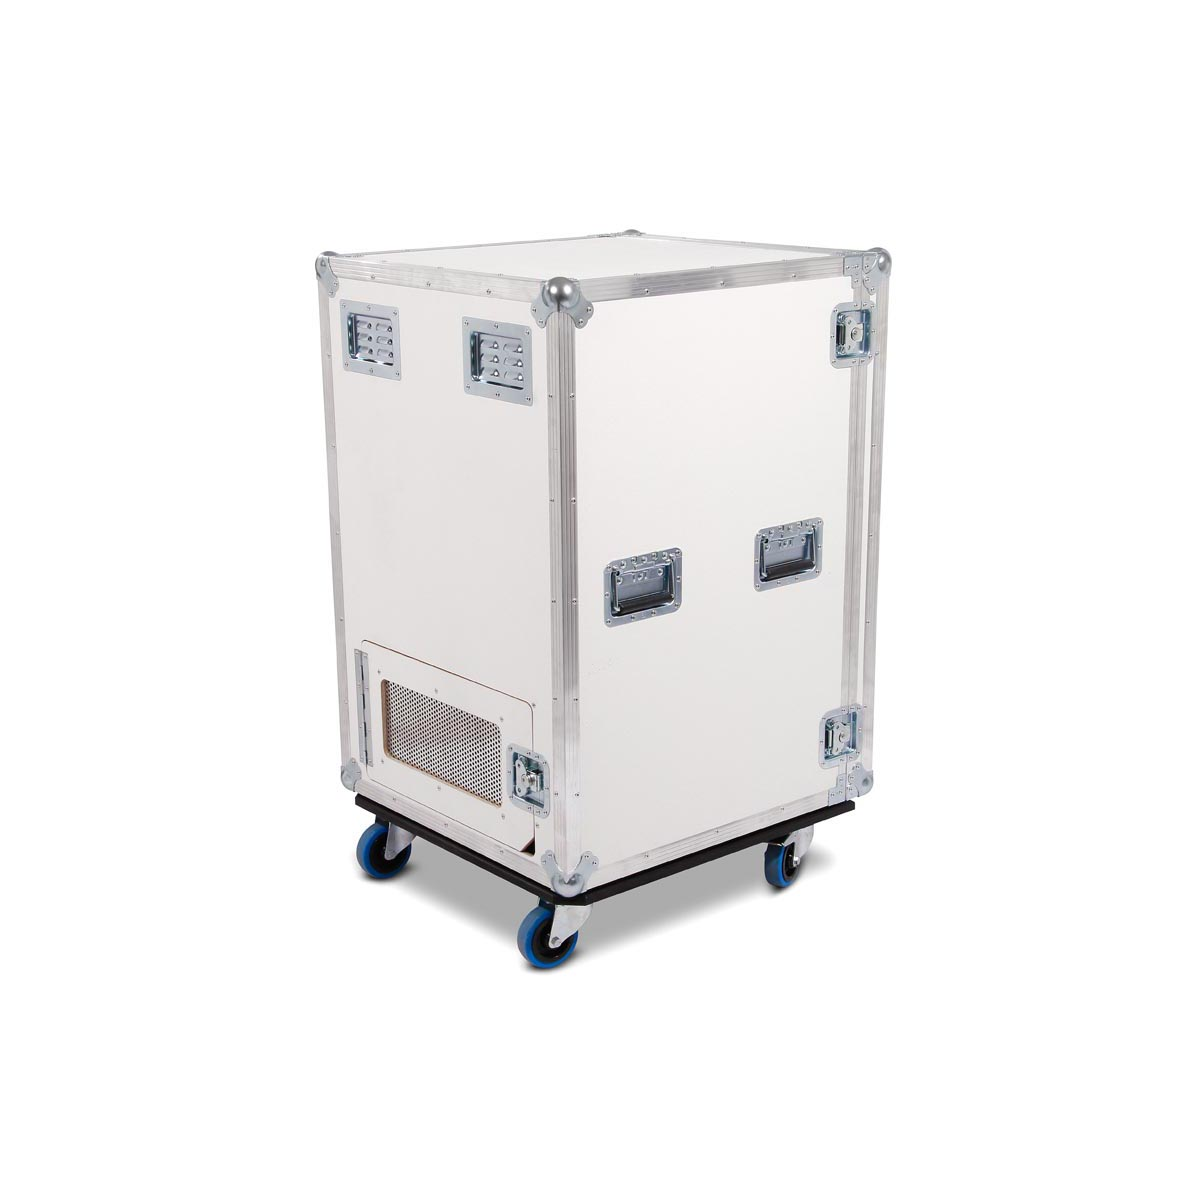 Single Door Case Für Kühlschrank – Günstig Kaufen | Megacase